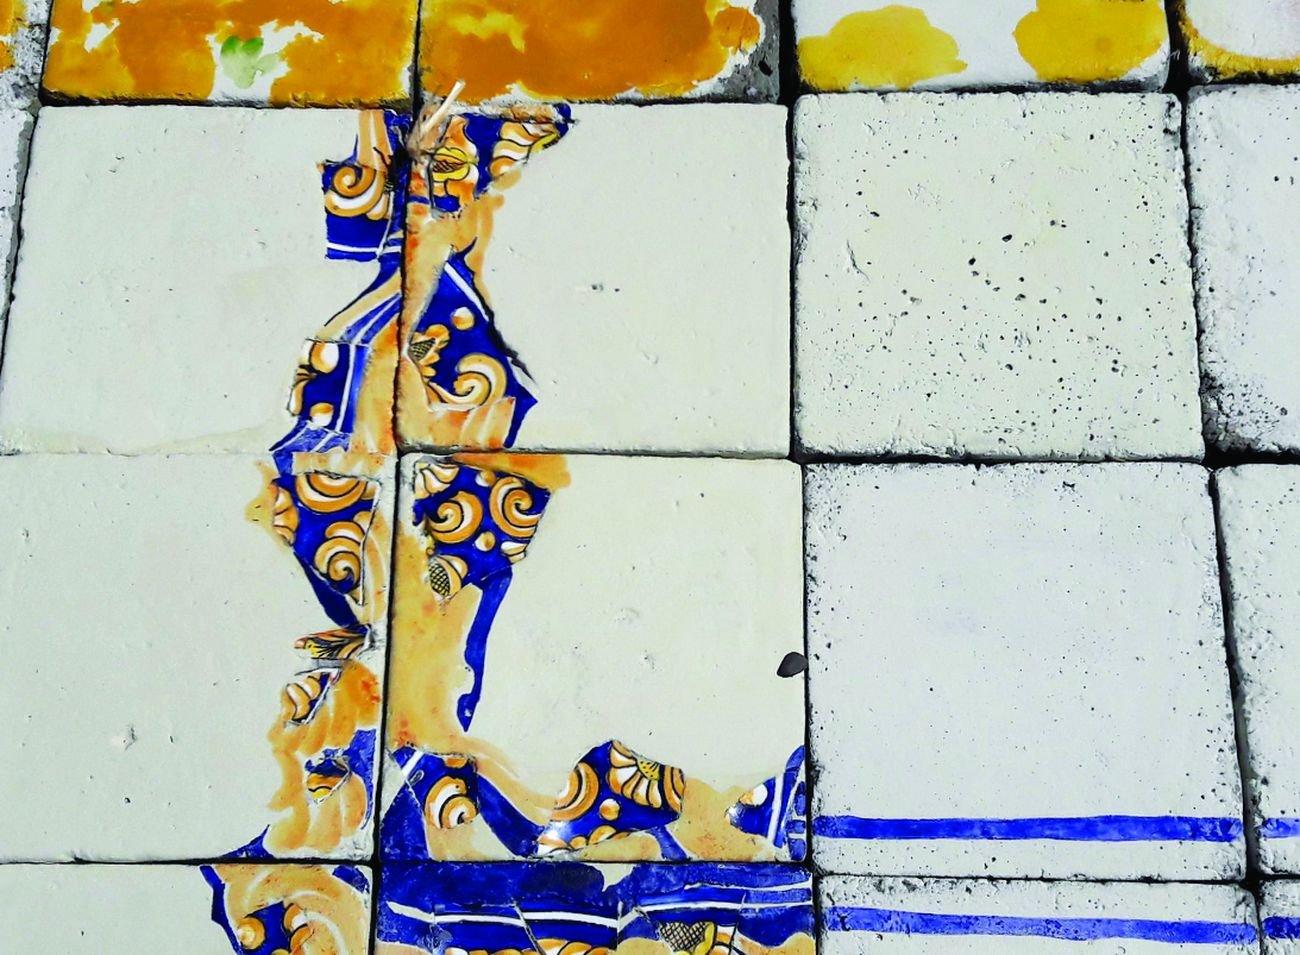 Francesca Ferreri, Floor, detail, 2017, frammenti ceramici, gesso, cemento, pigmenti, resina consolidante, courtesy dell'artista